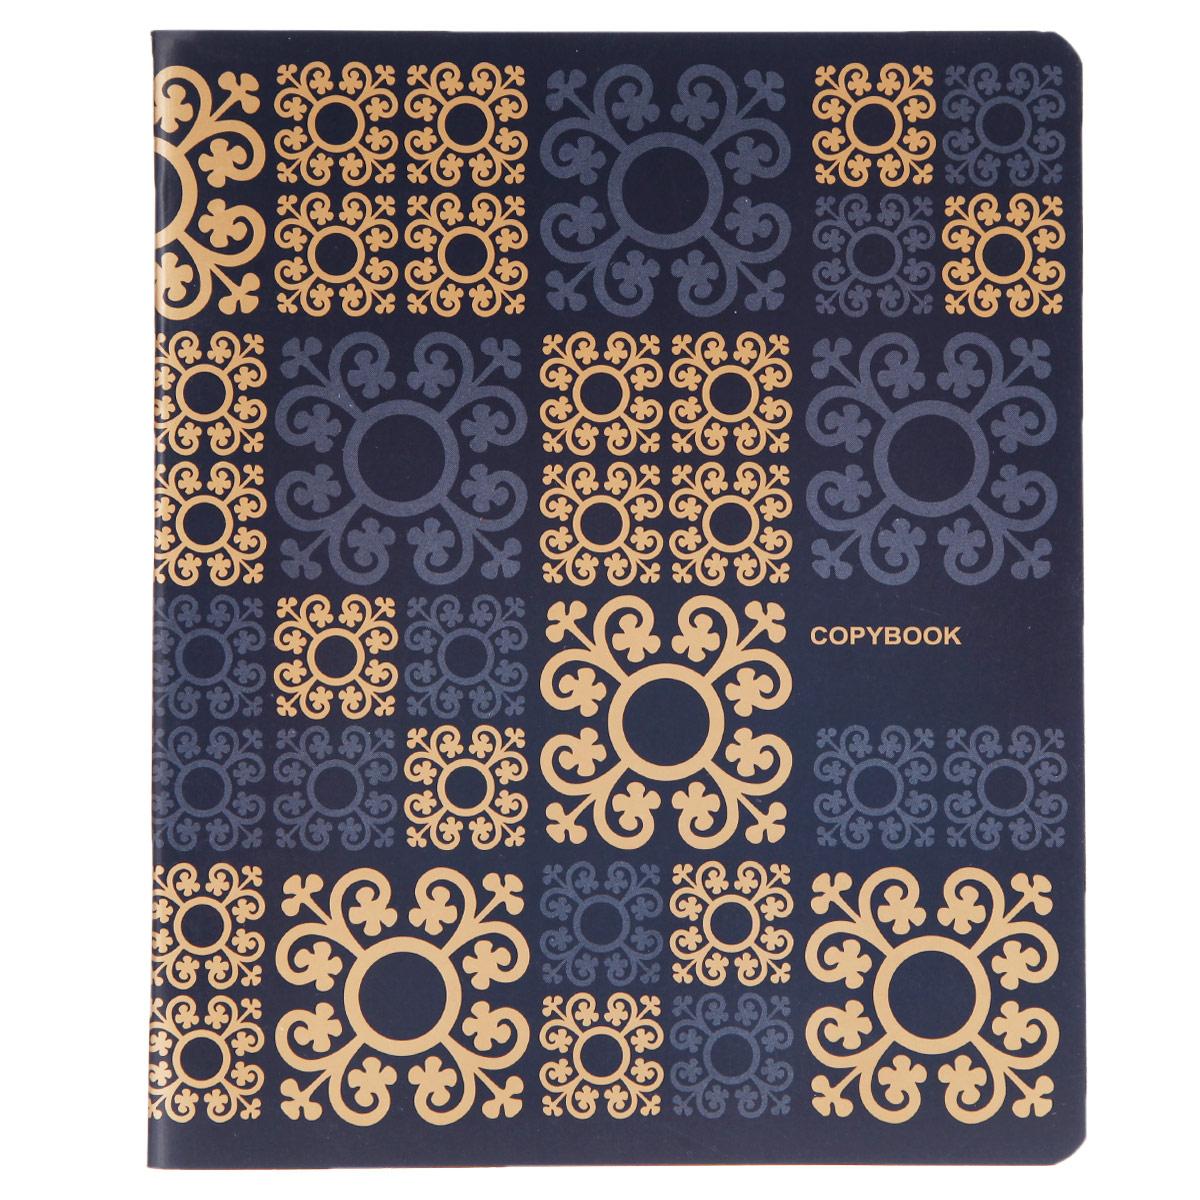 Тетрадь Арабский узор, 48 листов, формат А5, цвет: синий, бронза, рисунок 237577_2Тетрадь в линейку Арабский узор подойдет как студенту, так и школьнику. Обложка тетради оформлена арабскими узорами золотого и бронзового цветов. Обложка с закругленными углами выполнена из плотной бумаги. Внутренний блок состоит из 48 листов белой бумаги. Стандартная линовка в клетку дополнена полями, совпадающими с лицевой и оборотной стороны листа.